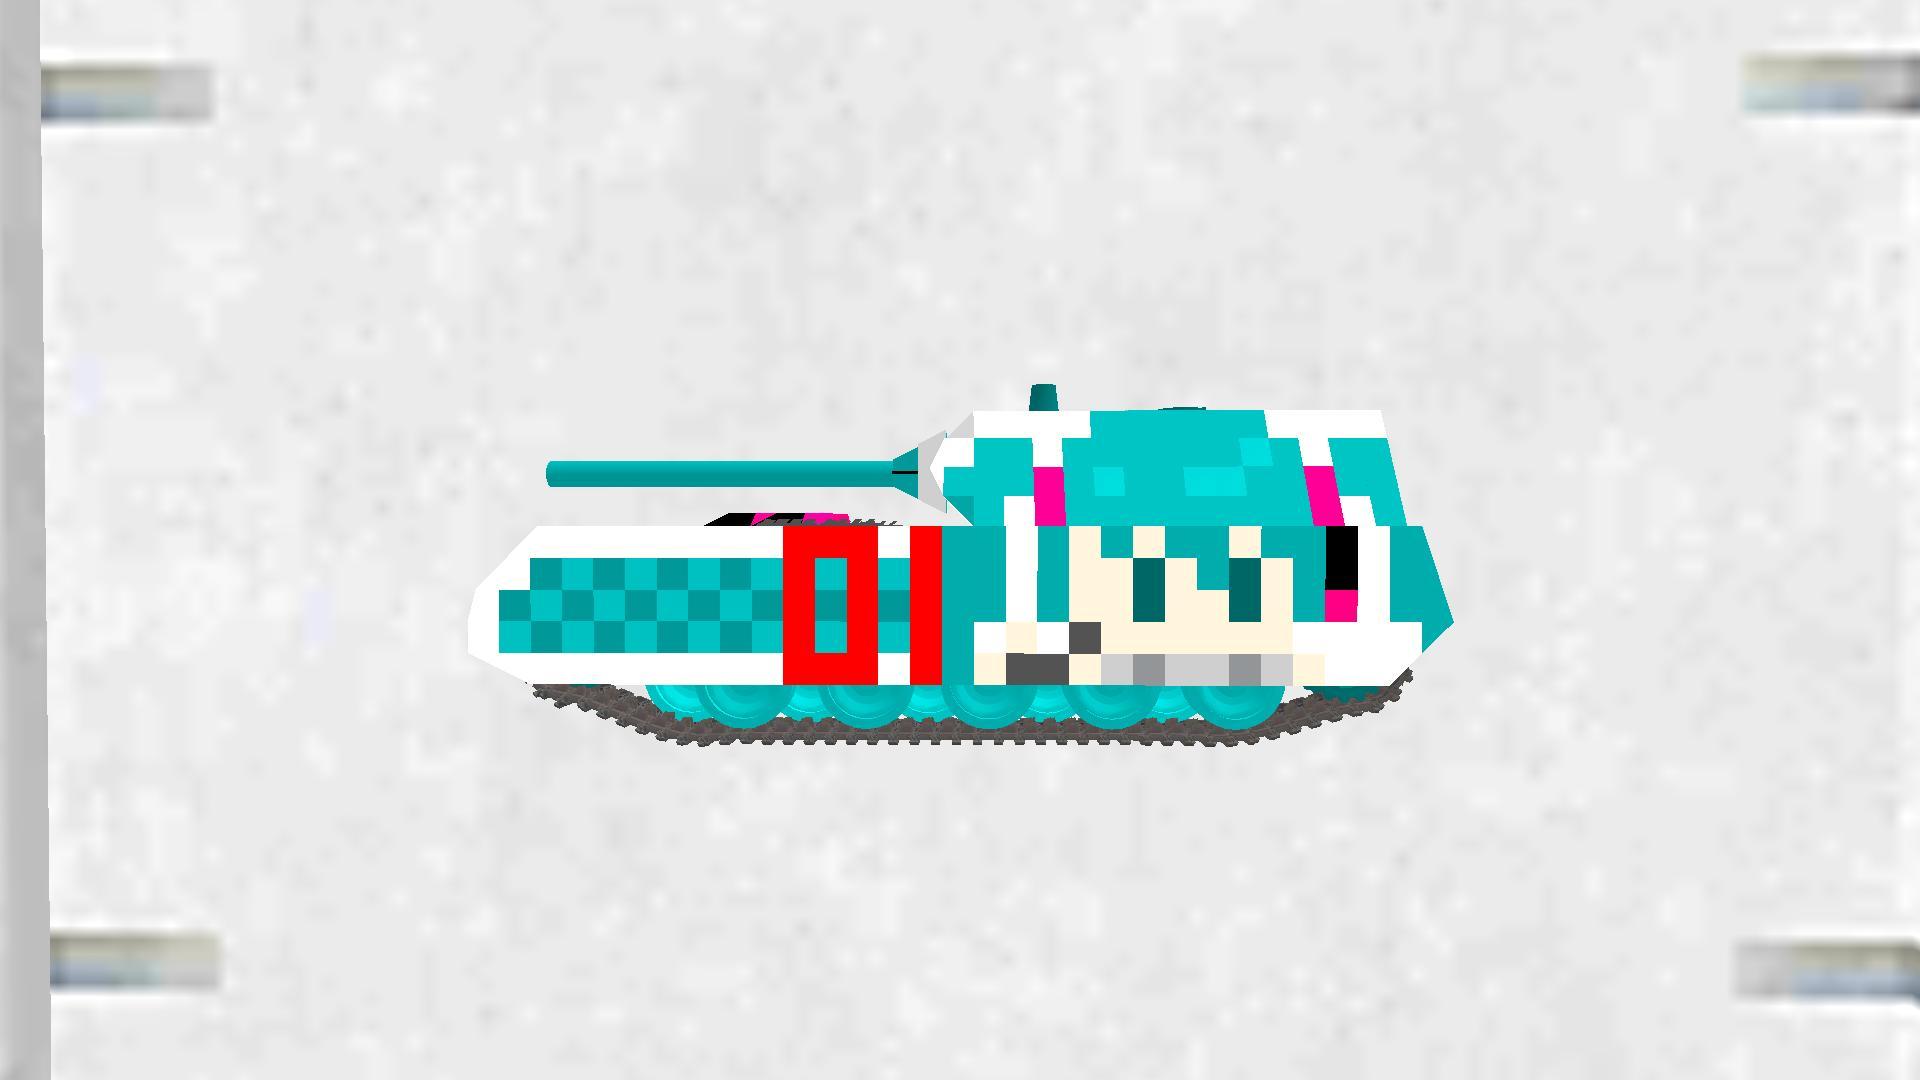 Panzerkampfwagen VIII Maus